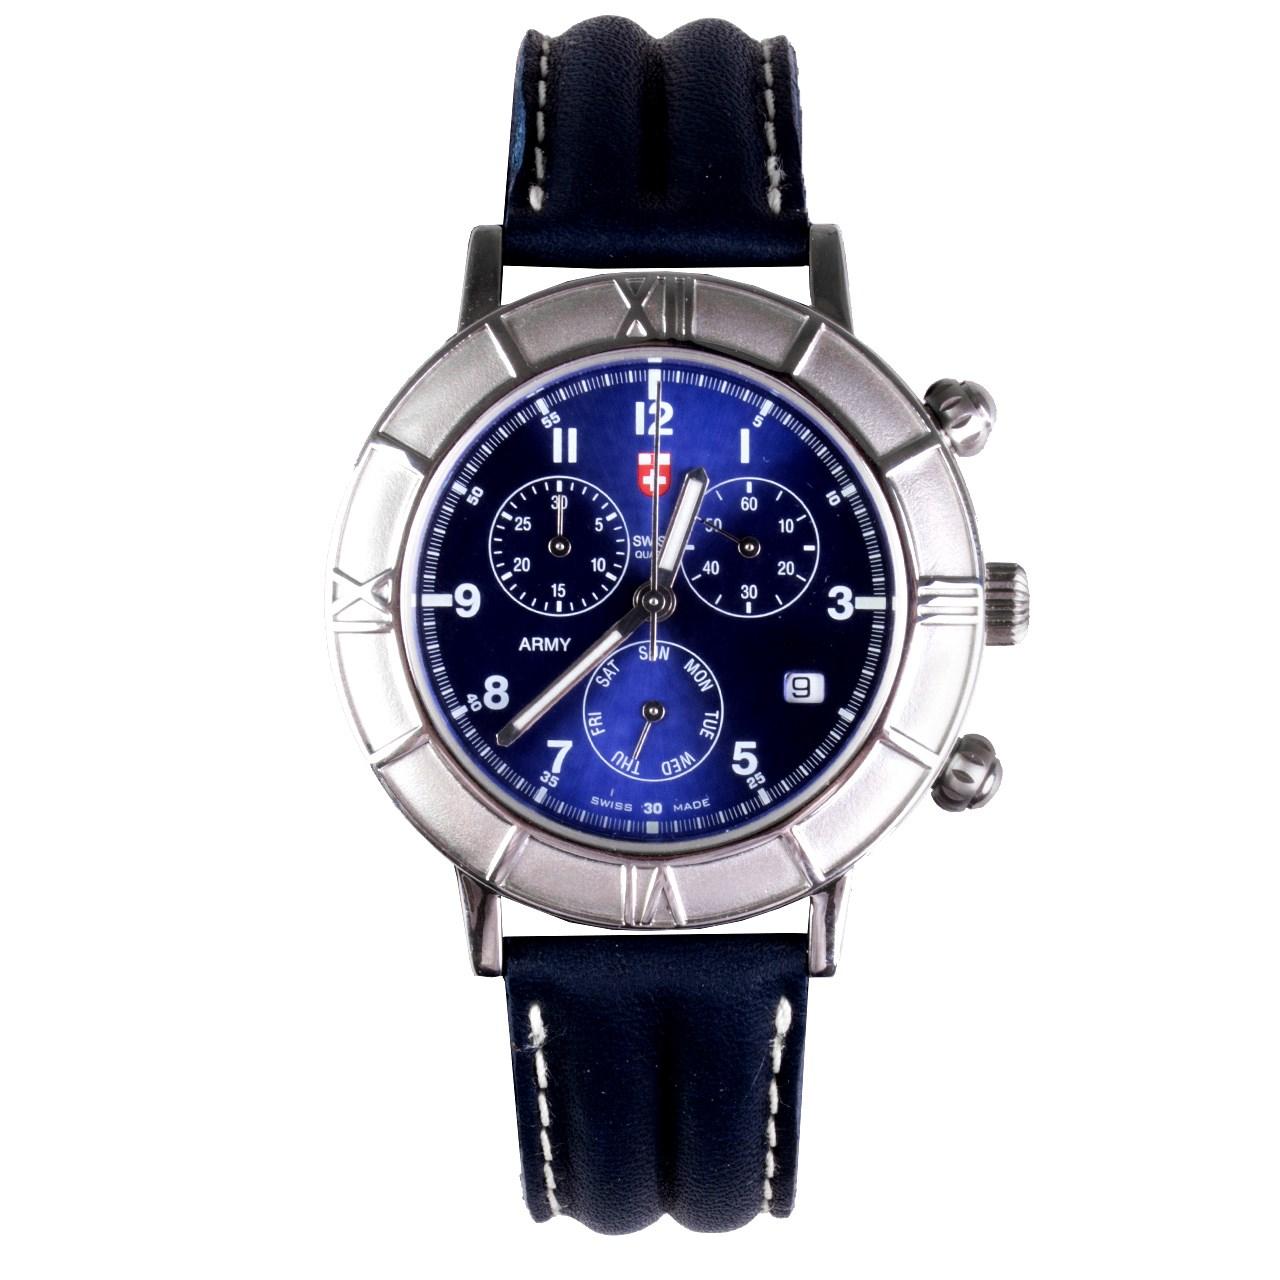 ساعت مچی عقربه ای مردانه سوئیس آرمی مدل 3004CL 55